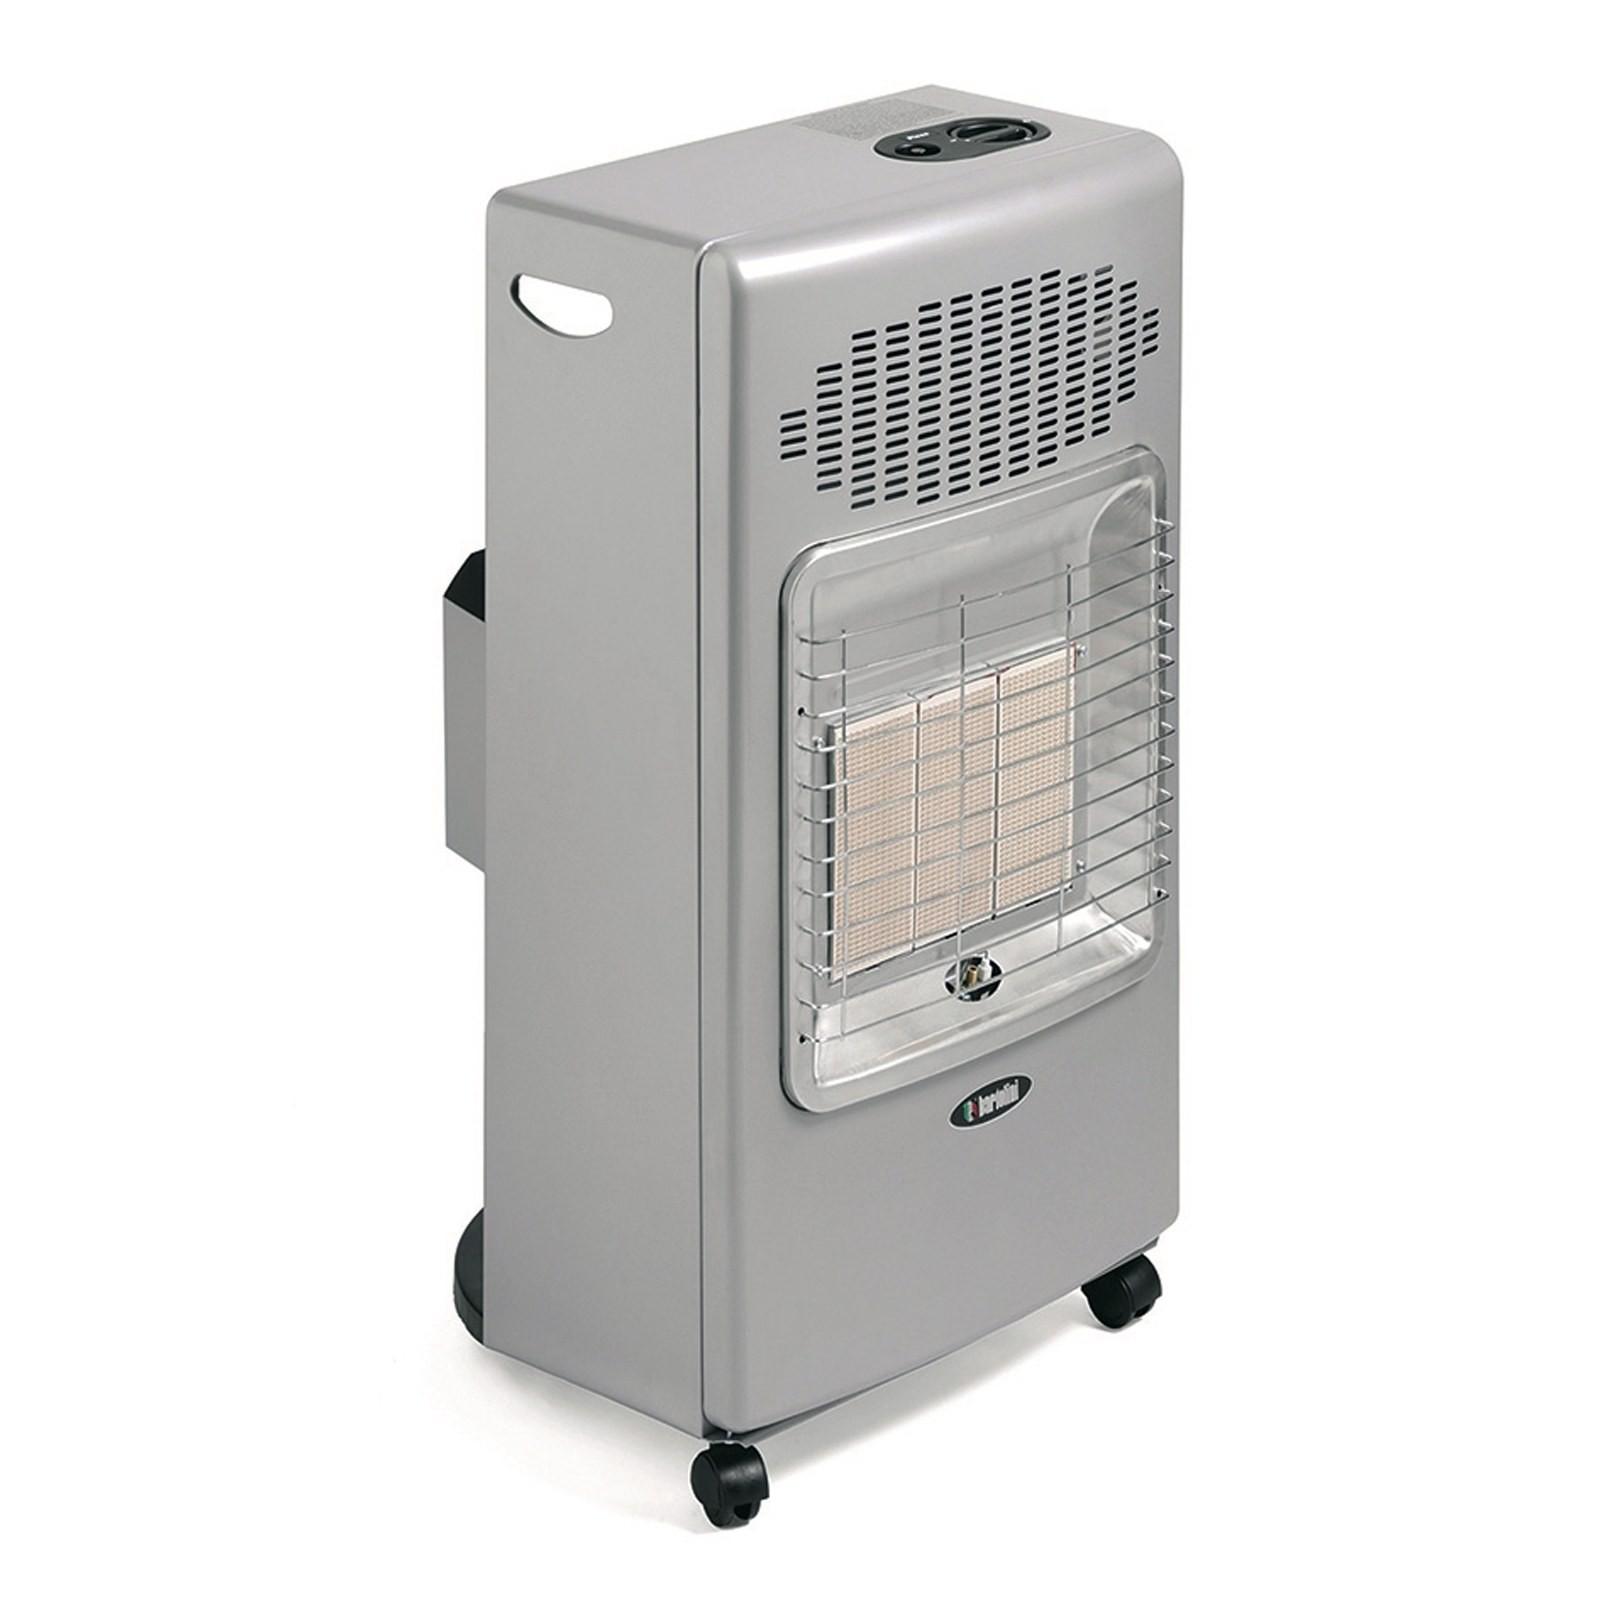 Stufa A Gas GPL Riscaldamento Infrarossi BARTOLINI Bombola Stufe Potenza  4200 W